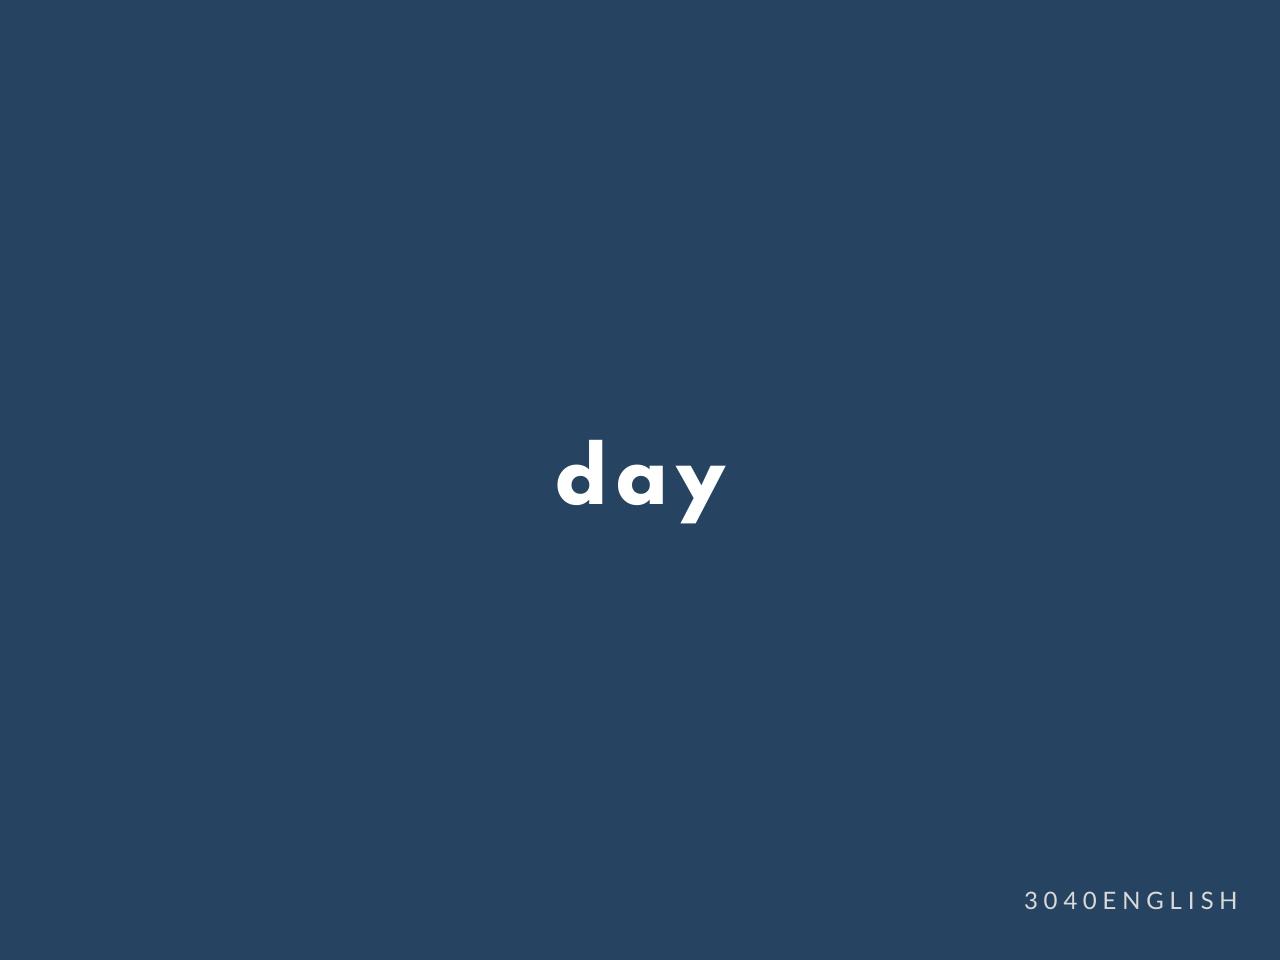 【日付】1日から31日までの英語表記一覧表【English / Japanese】